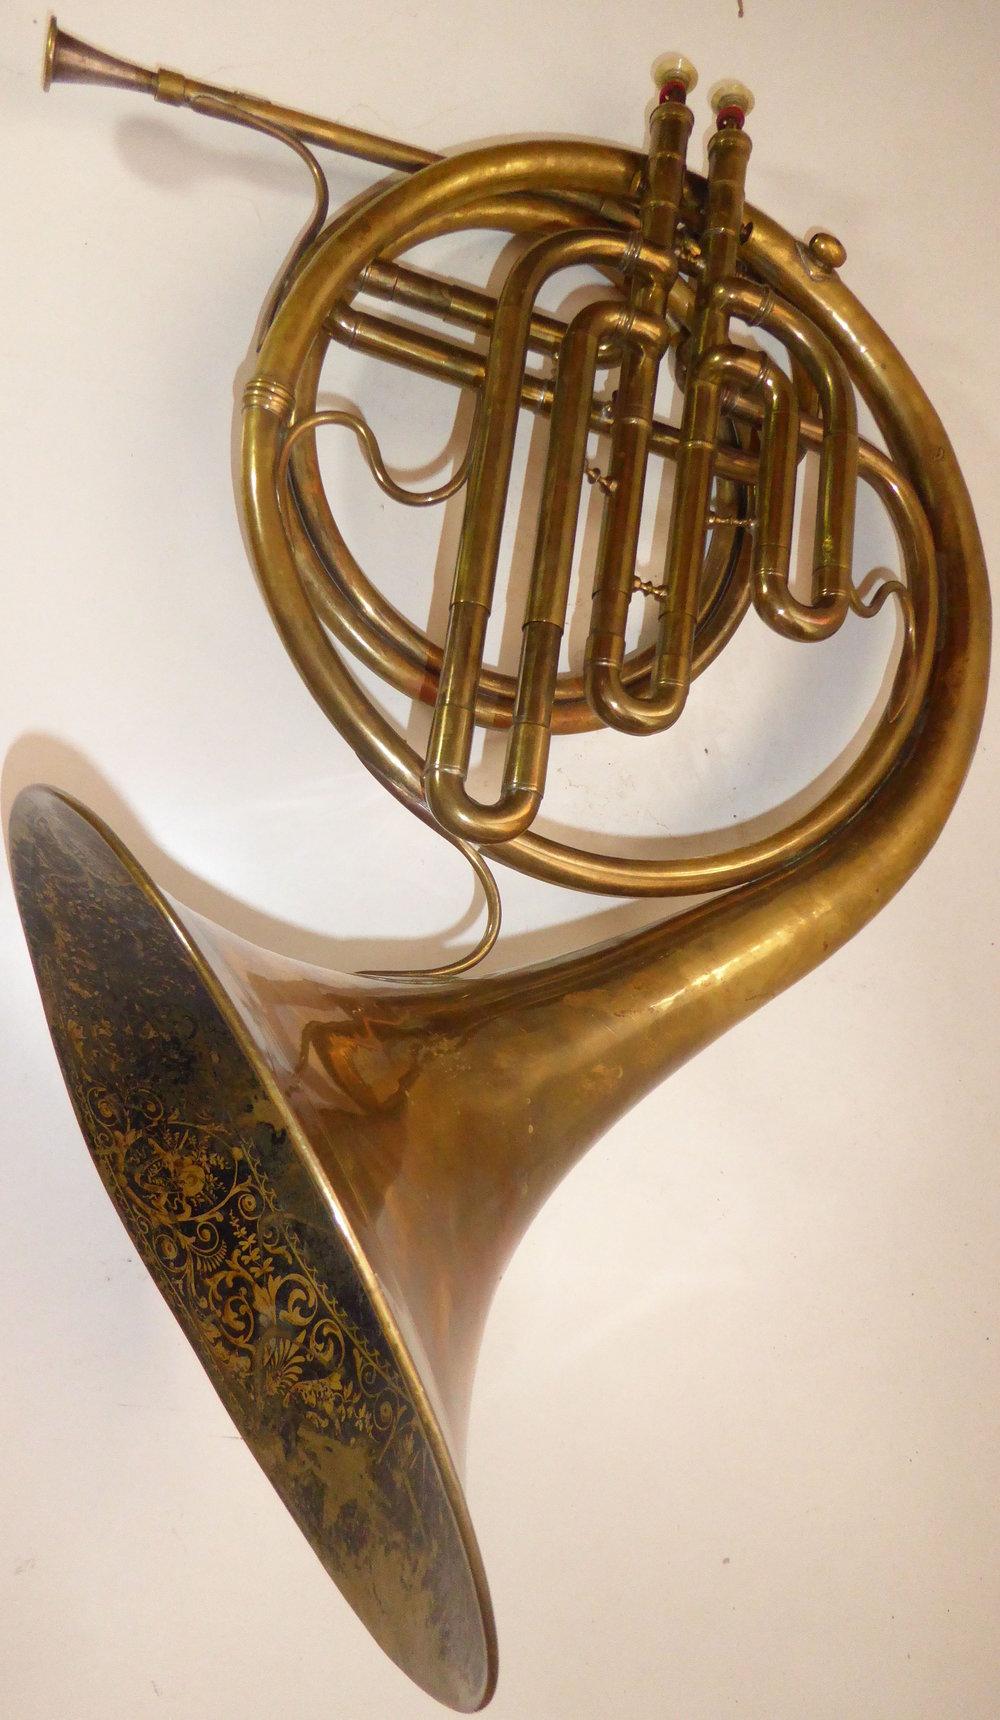 Guichard horn (collection Bruno Kampmann)